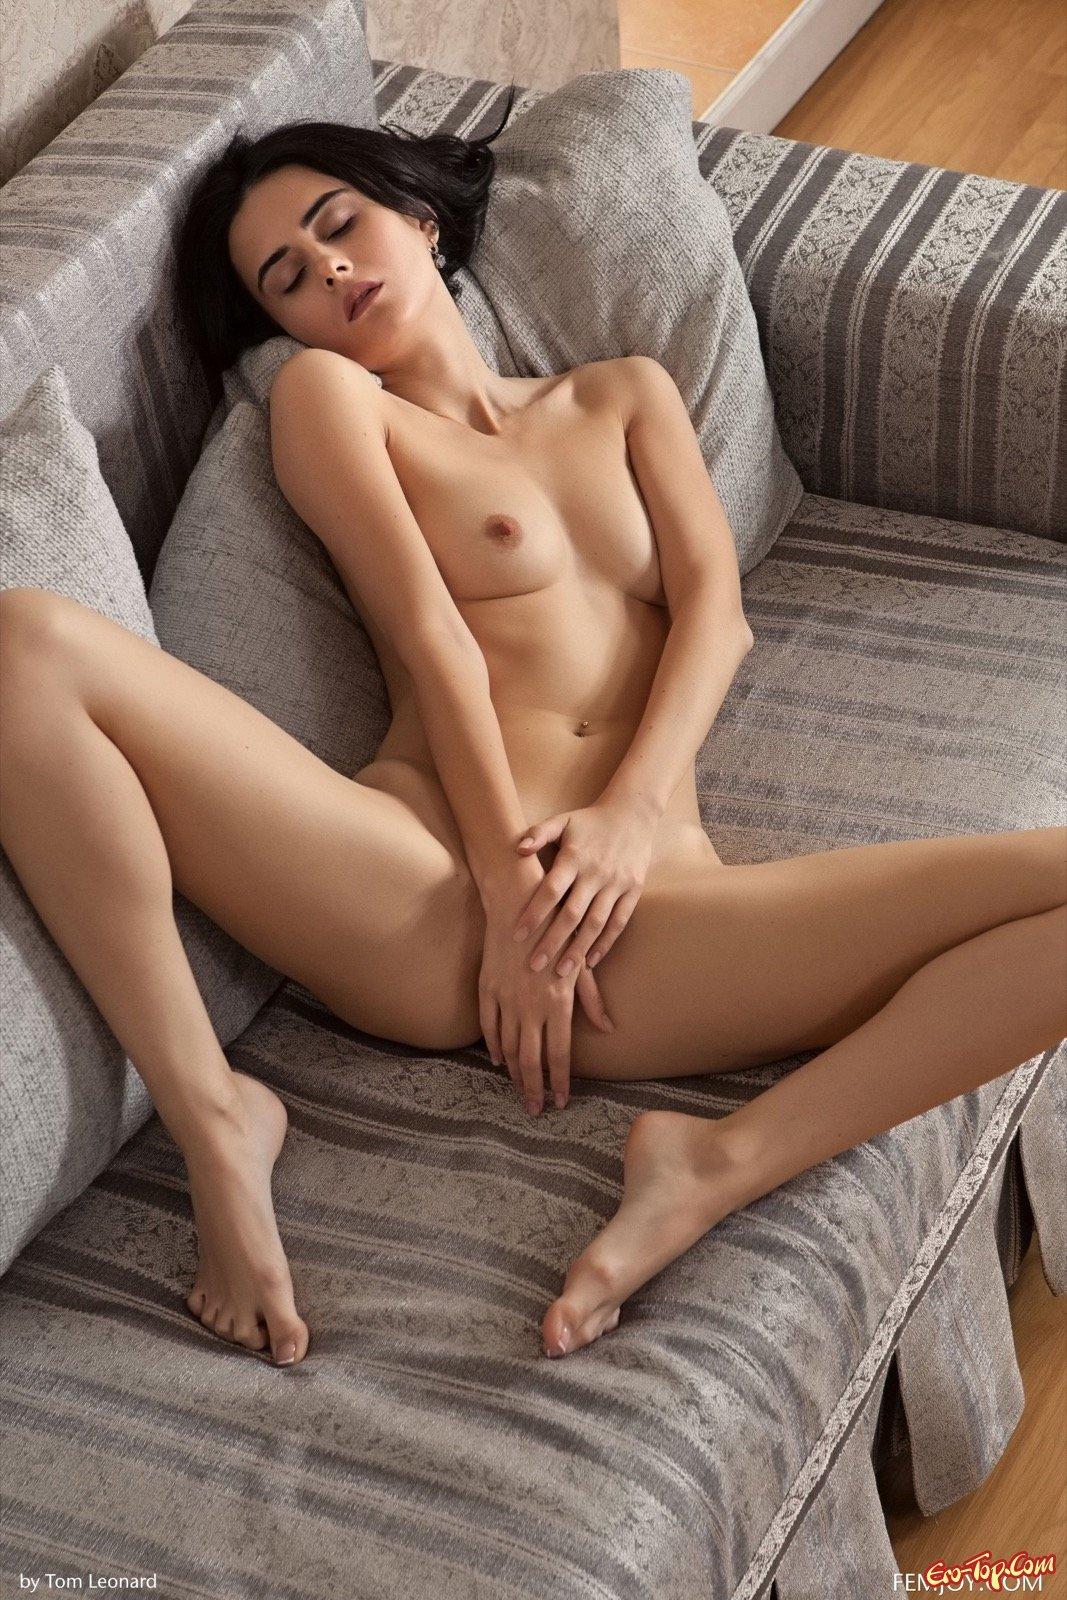 Роскошная раздетая шатенка обнажила себя на диване